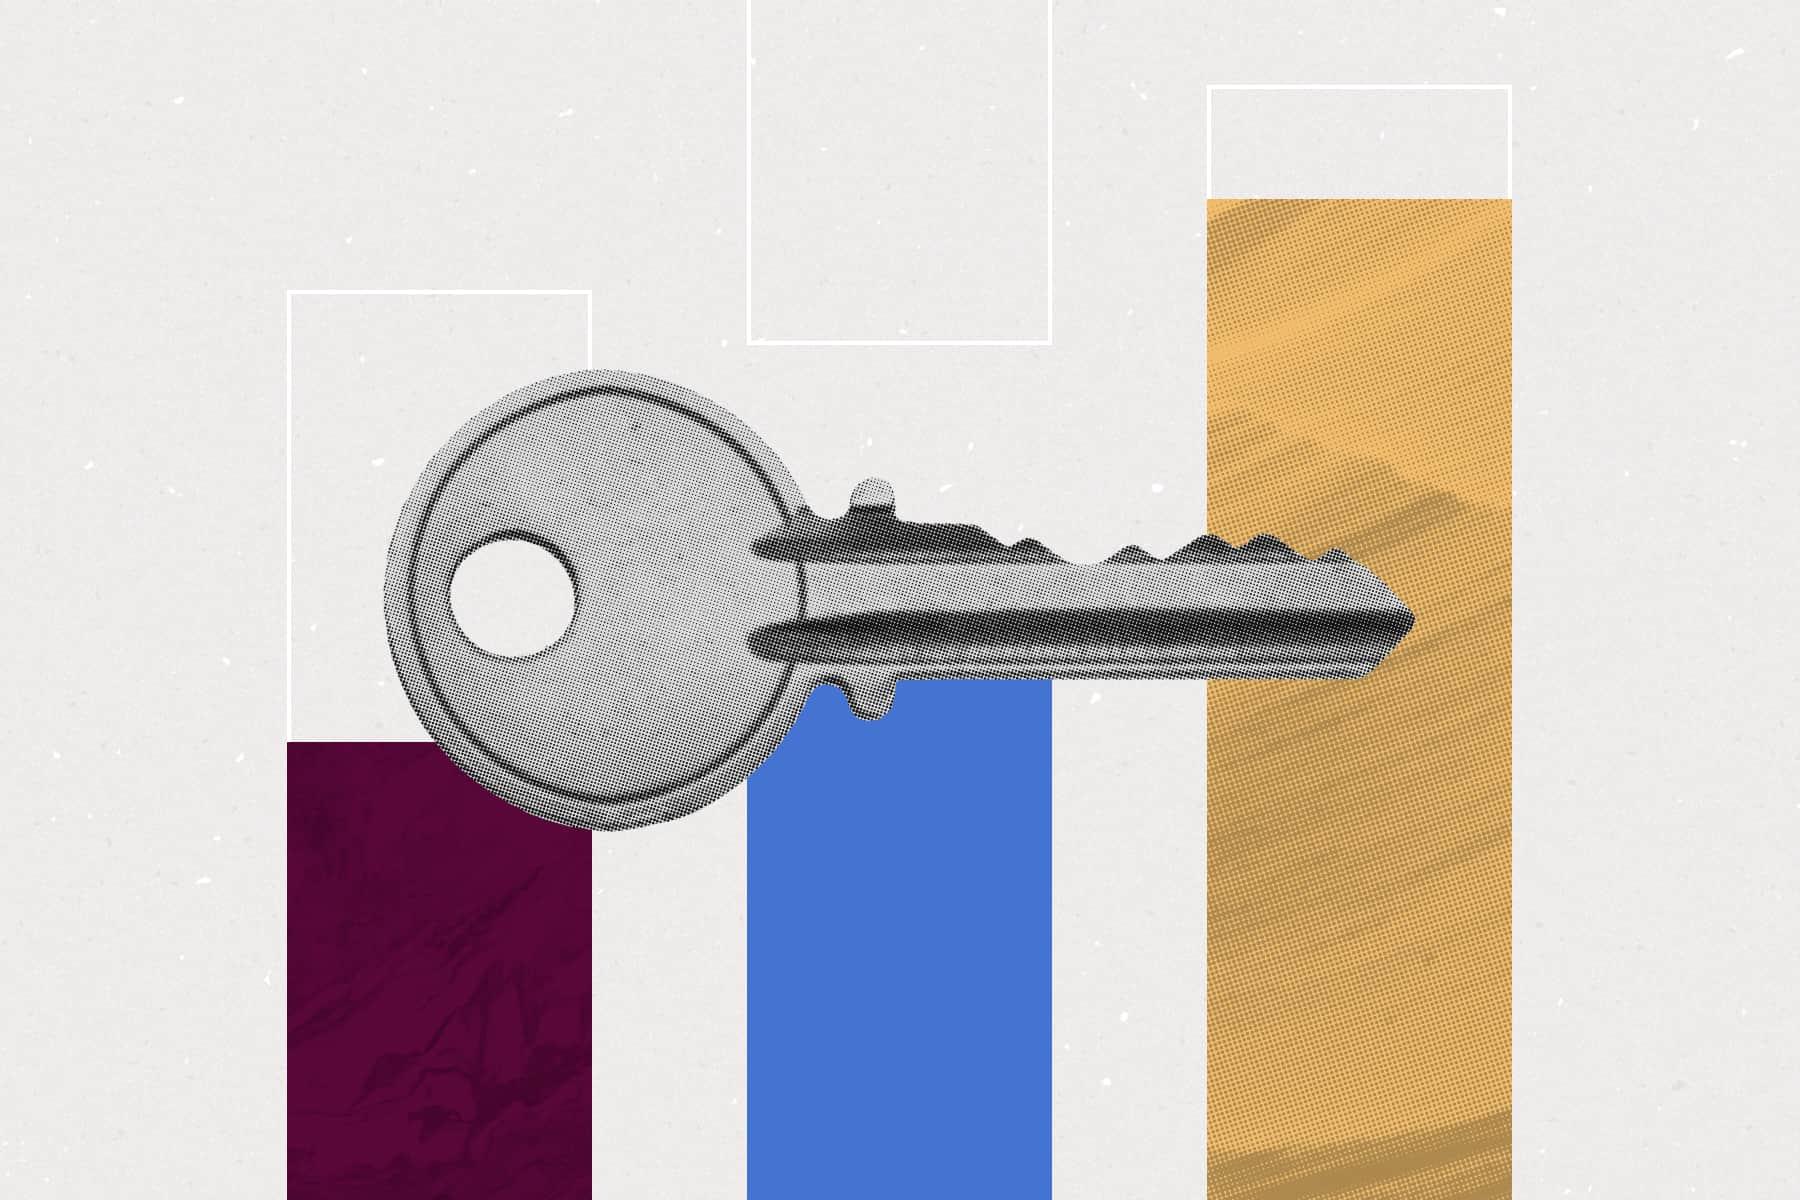 Indicateurs clés de performances (ICP) - Image bannière de l'article